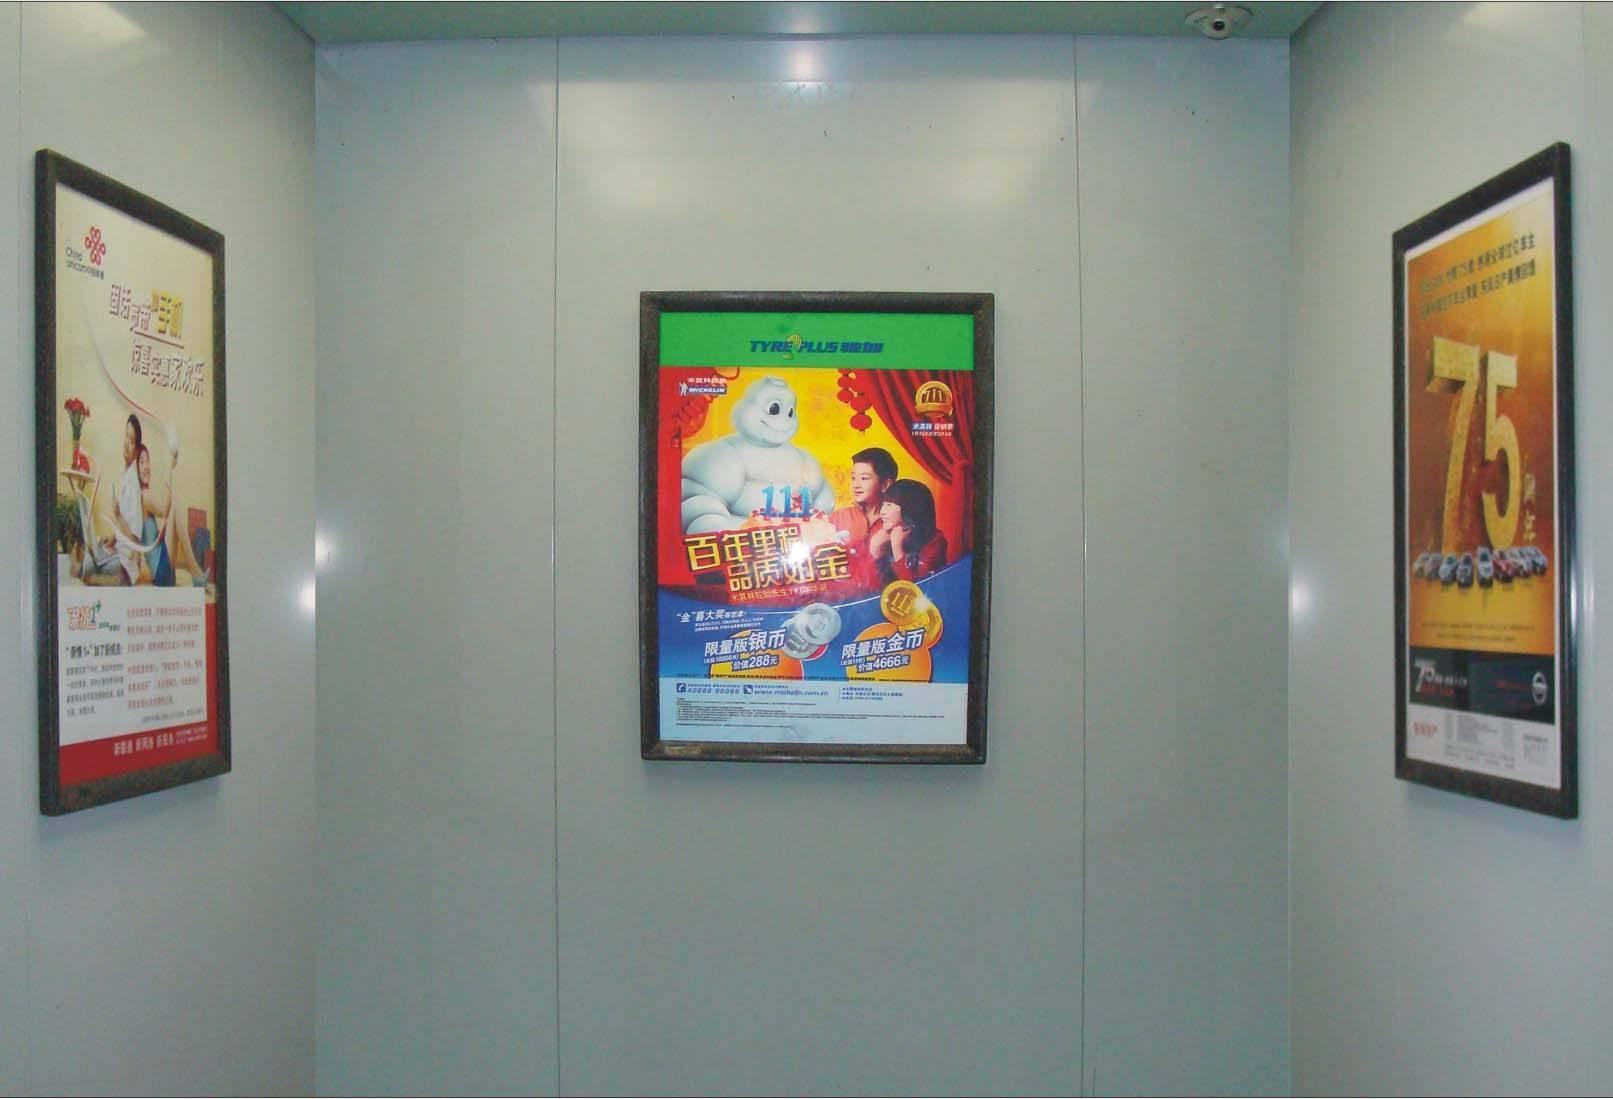 佛山市南海区碧桂园西樵悦府电梯轿厢广告框架